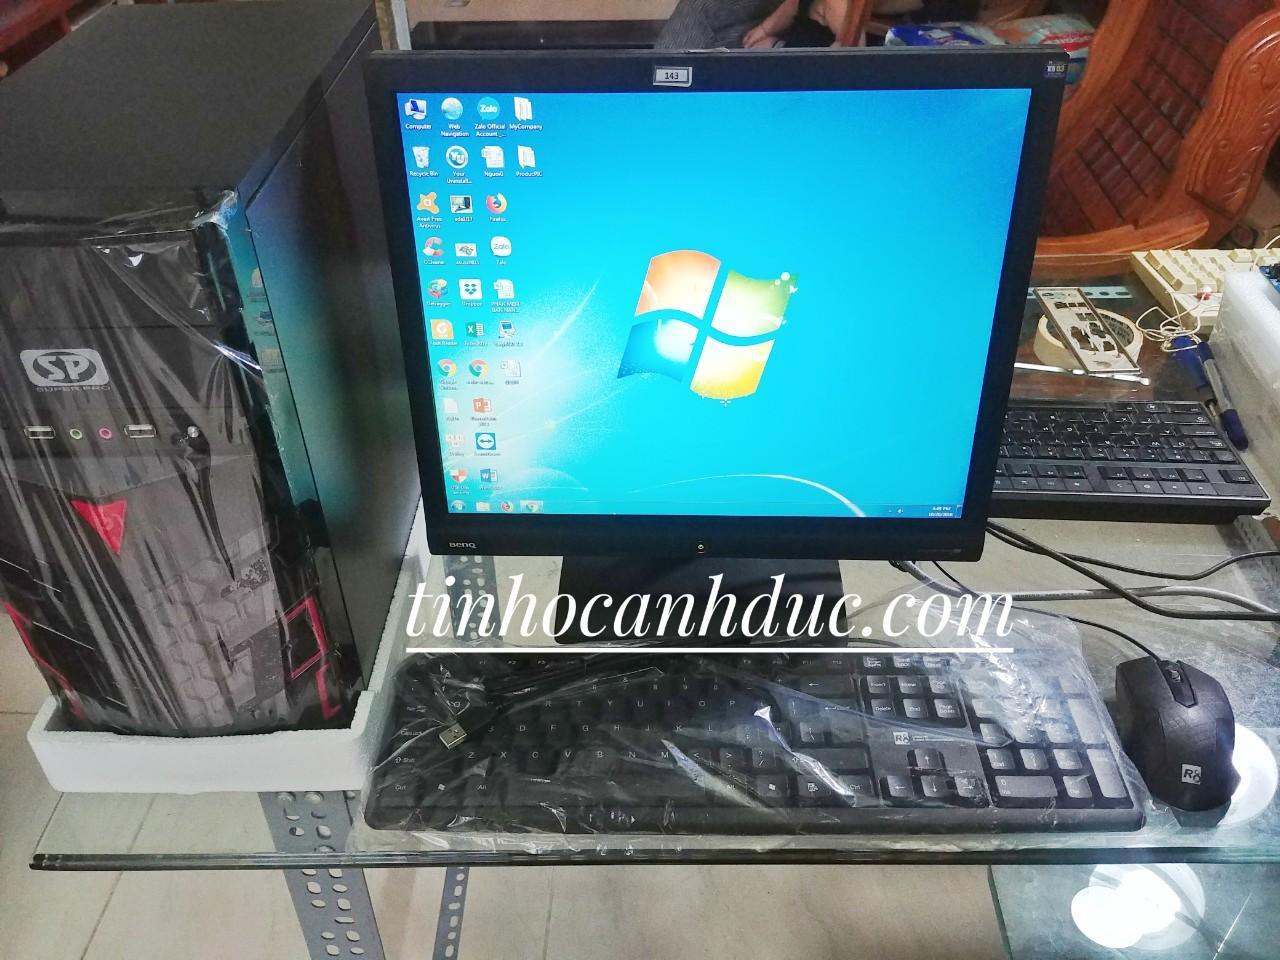 Bộ Máy PC ADA1L17 + Màn Hình LCD 17 Tặng Phím Chuột NEW, đáp ứng Nhu Cầu Lướt Web, Xem Phim, Nghe Nhạc, đọc Báo, Soạn Thảo Văn Phòng Giảm Cực Khủng